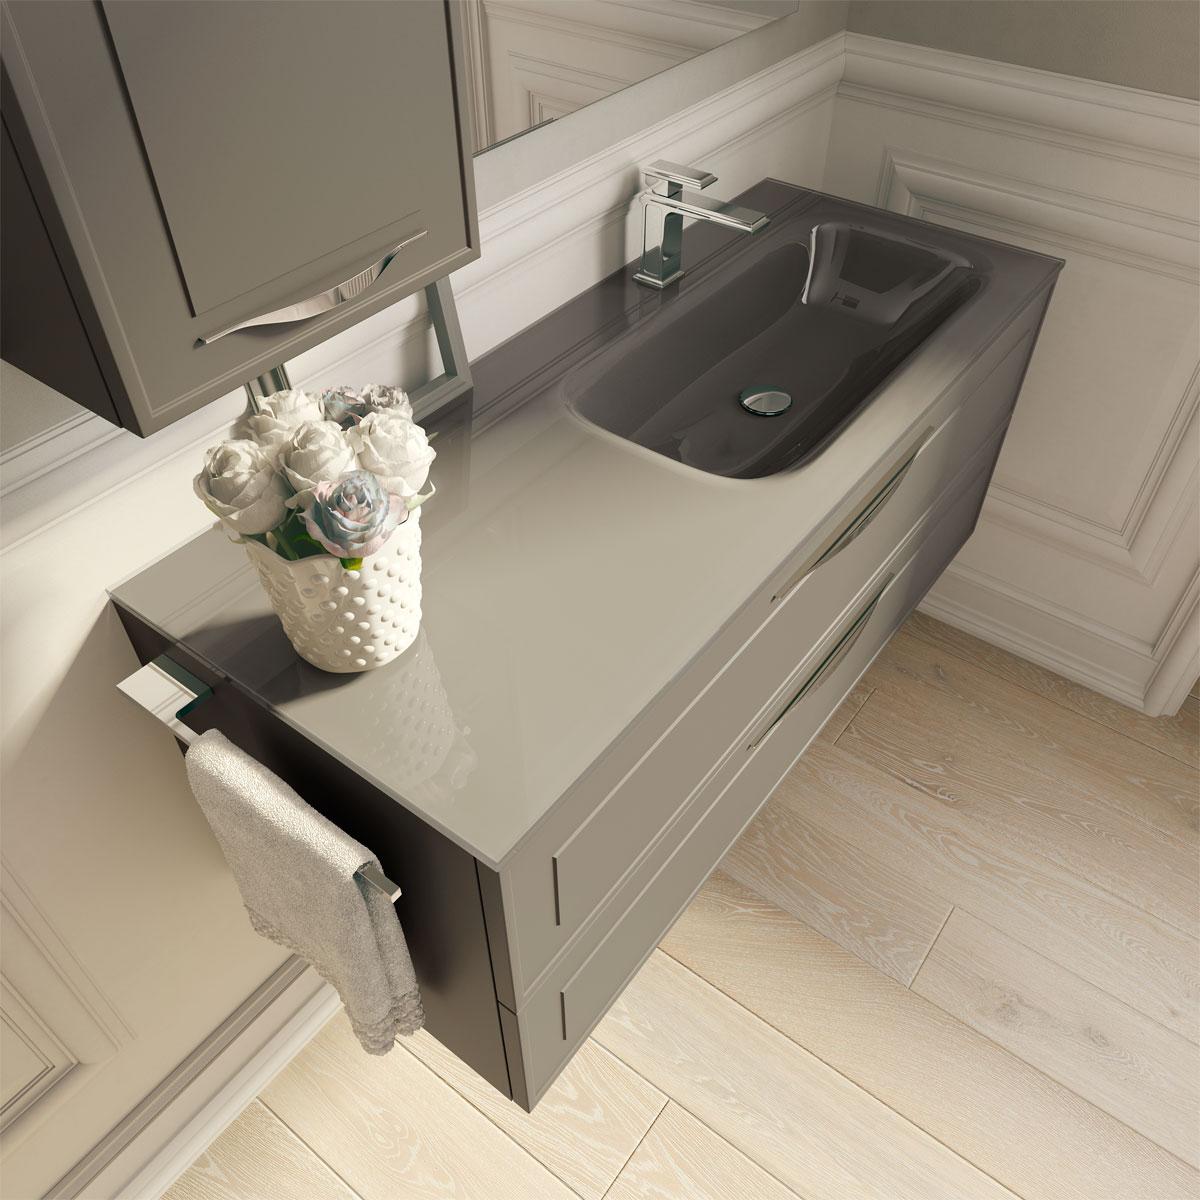 dressy synonyme de meubles de salle de bains l gants et. Black Bedroom Furniture Sets. Home Design Ideas